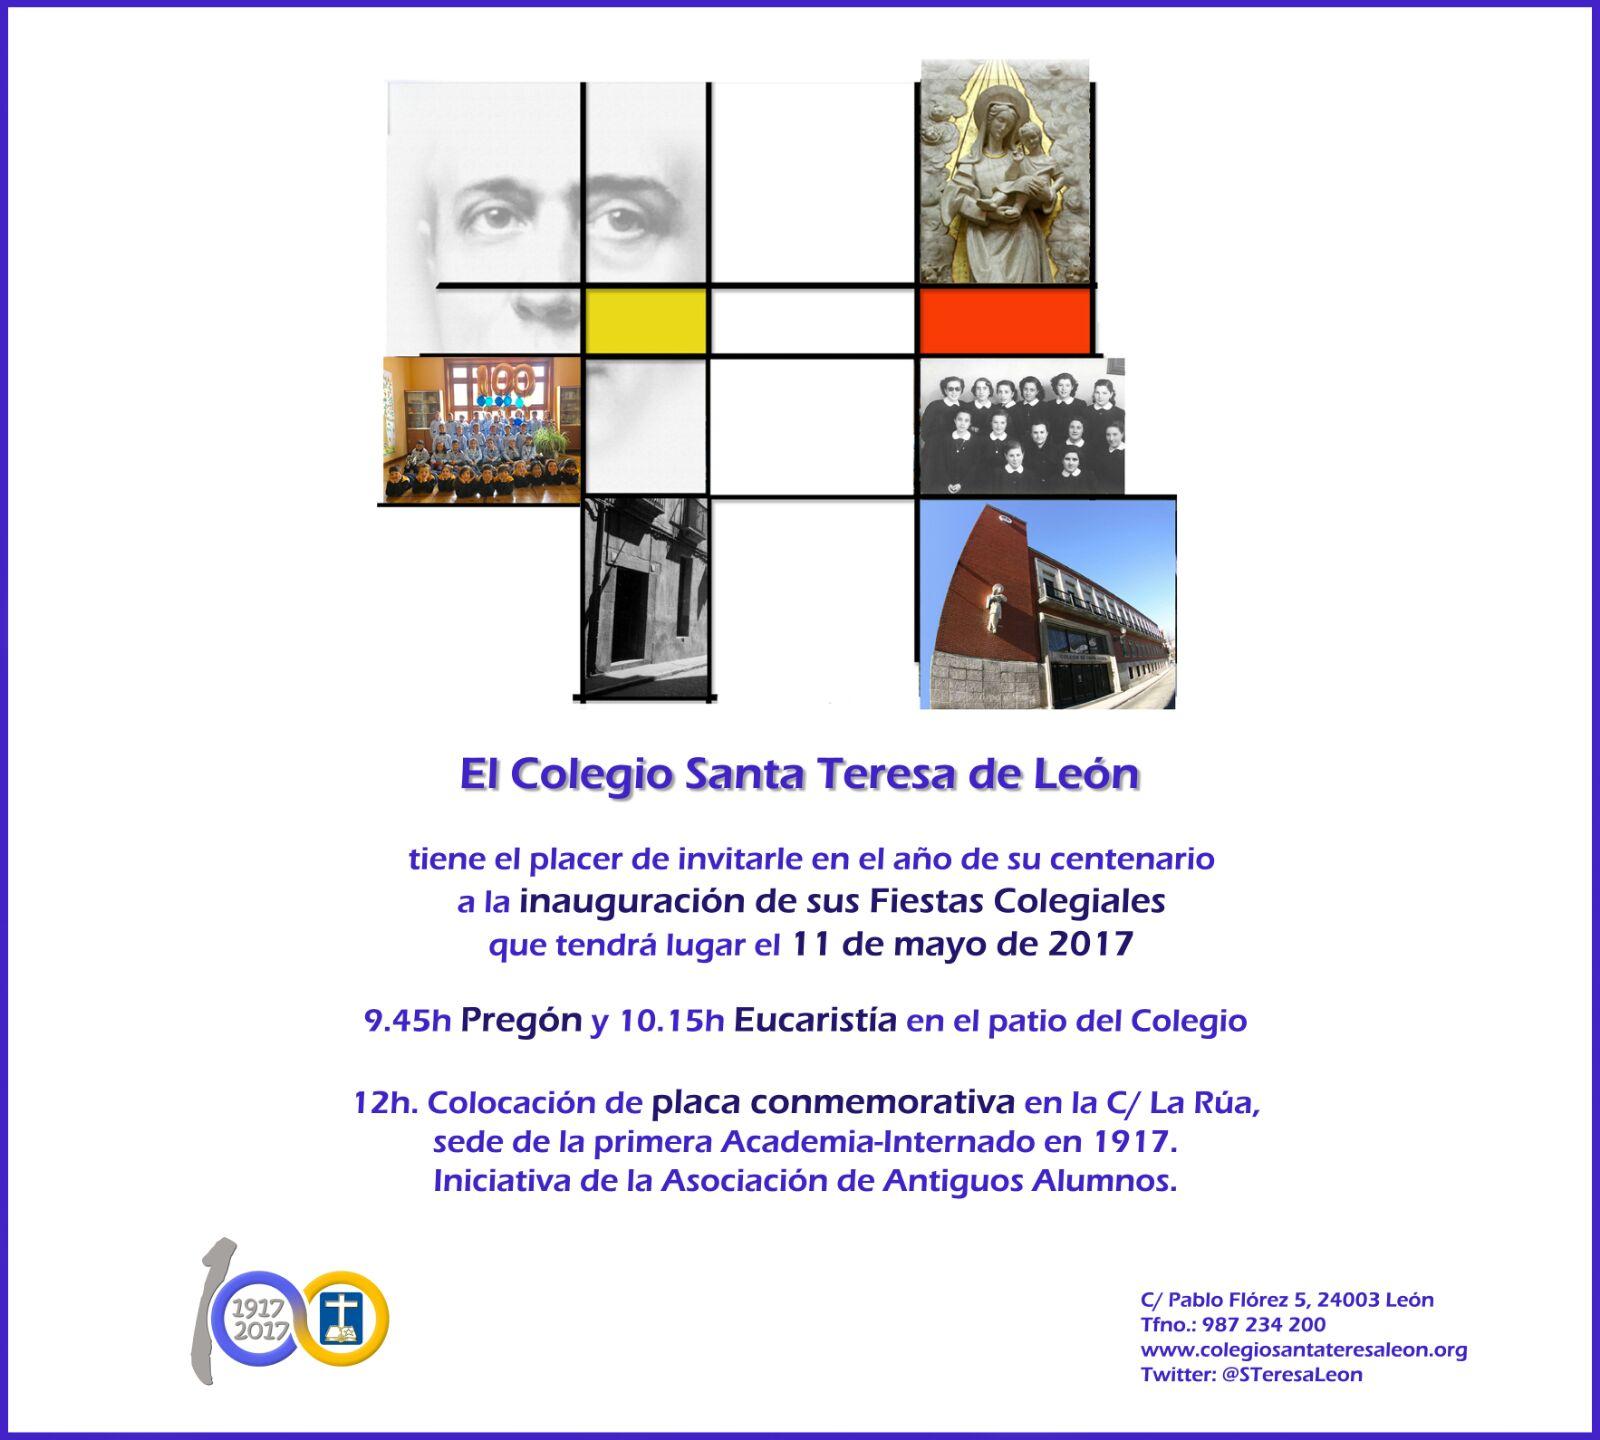 Centenario IT en León: Fiestas y Placa conmemorativa